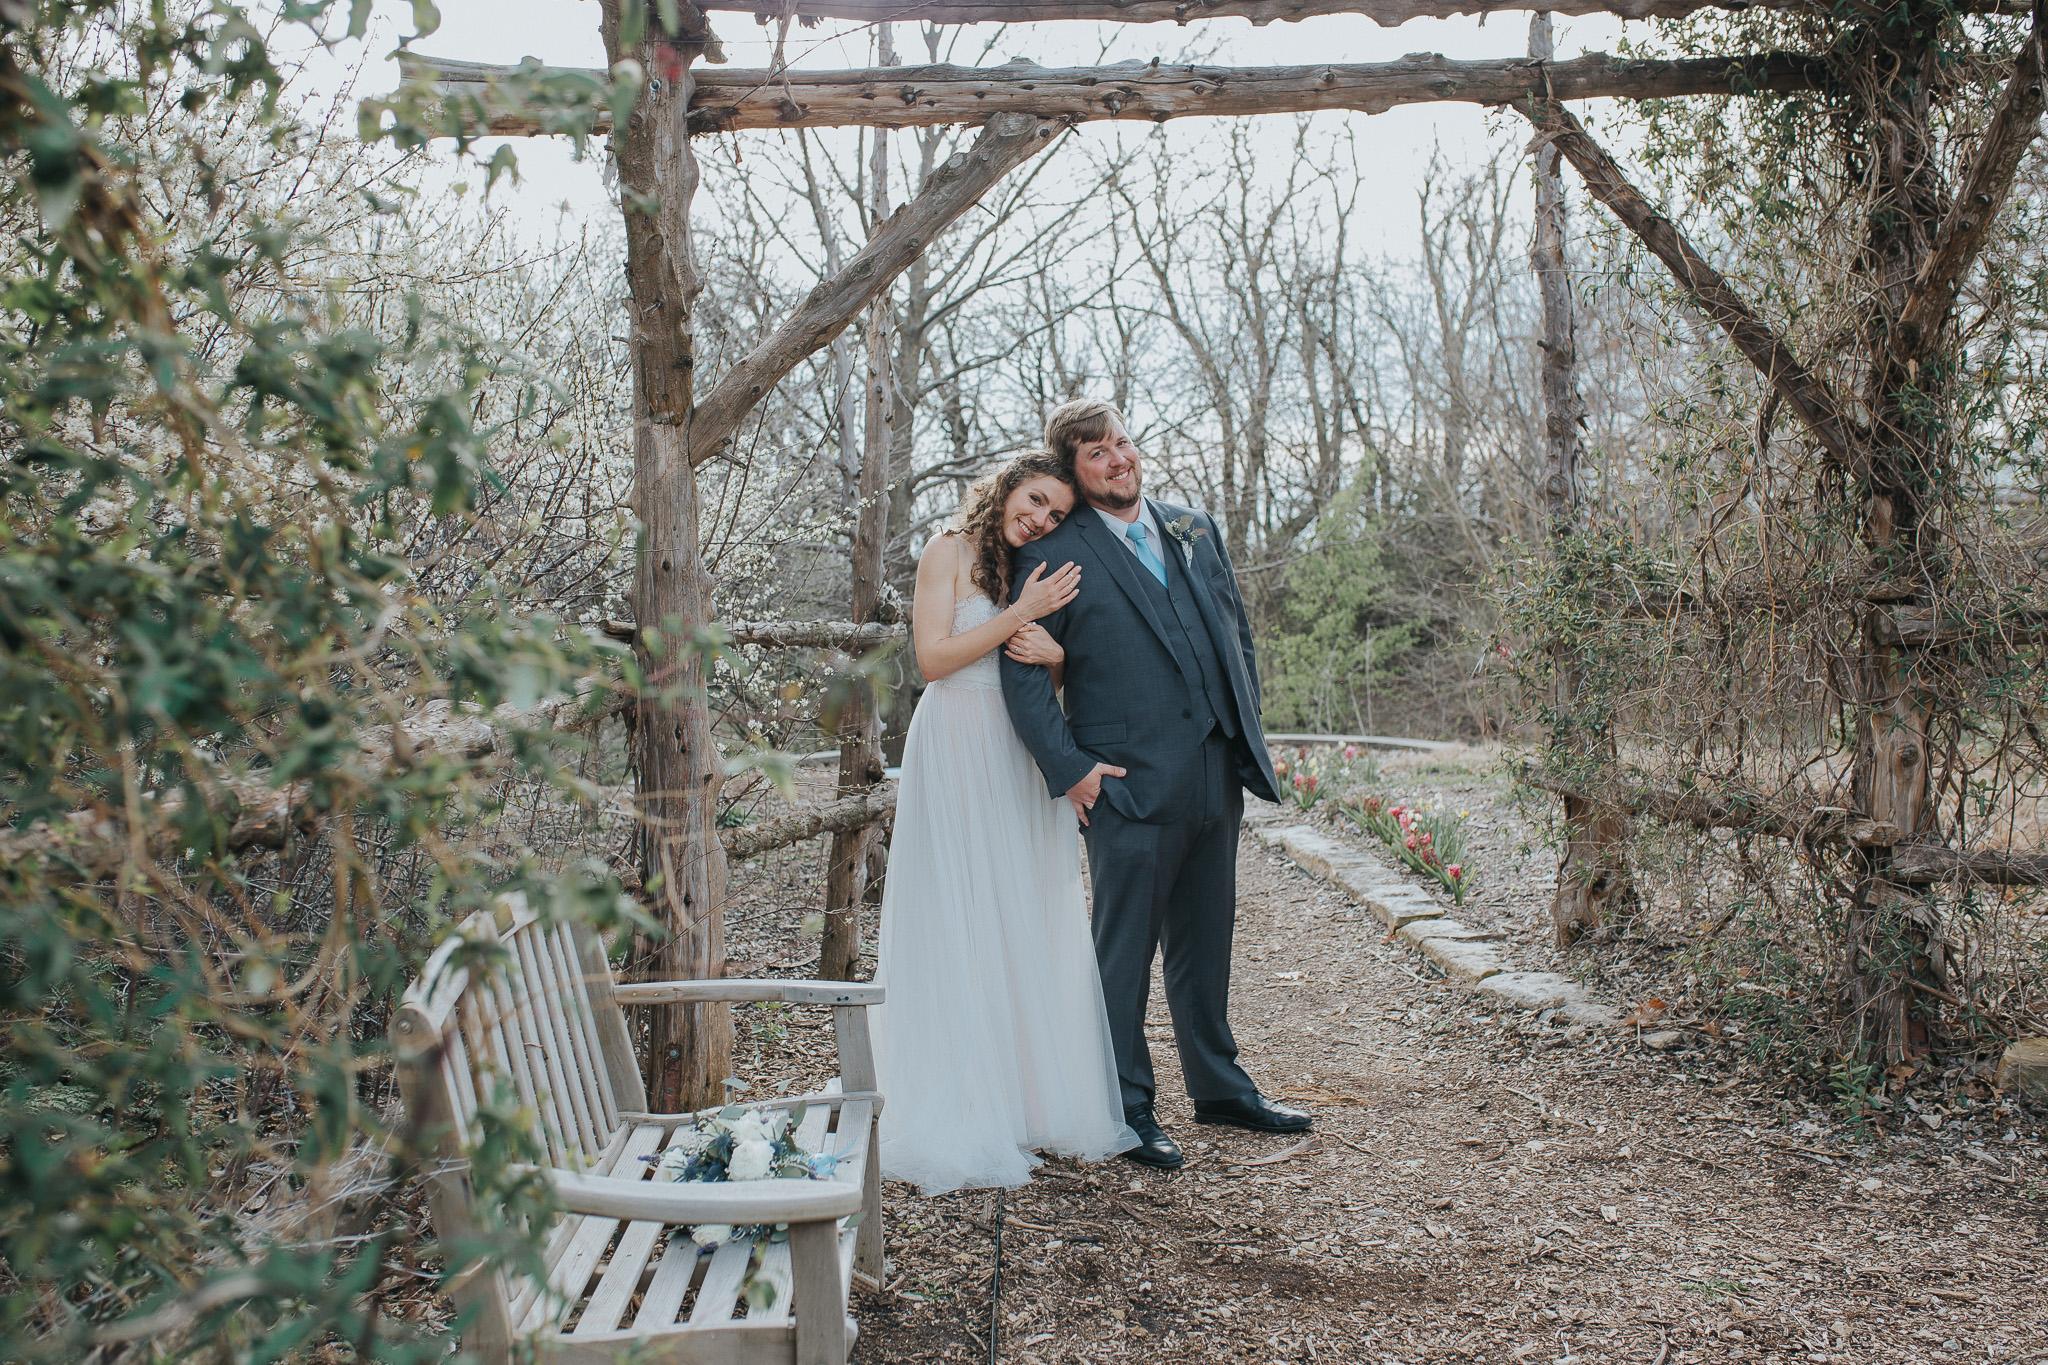 - Weddings & Elopements